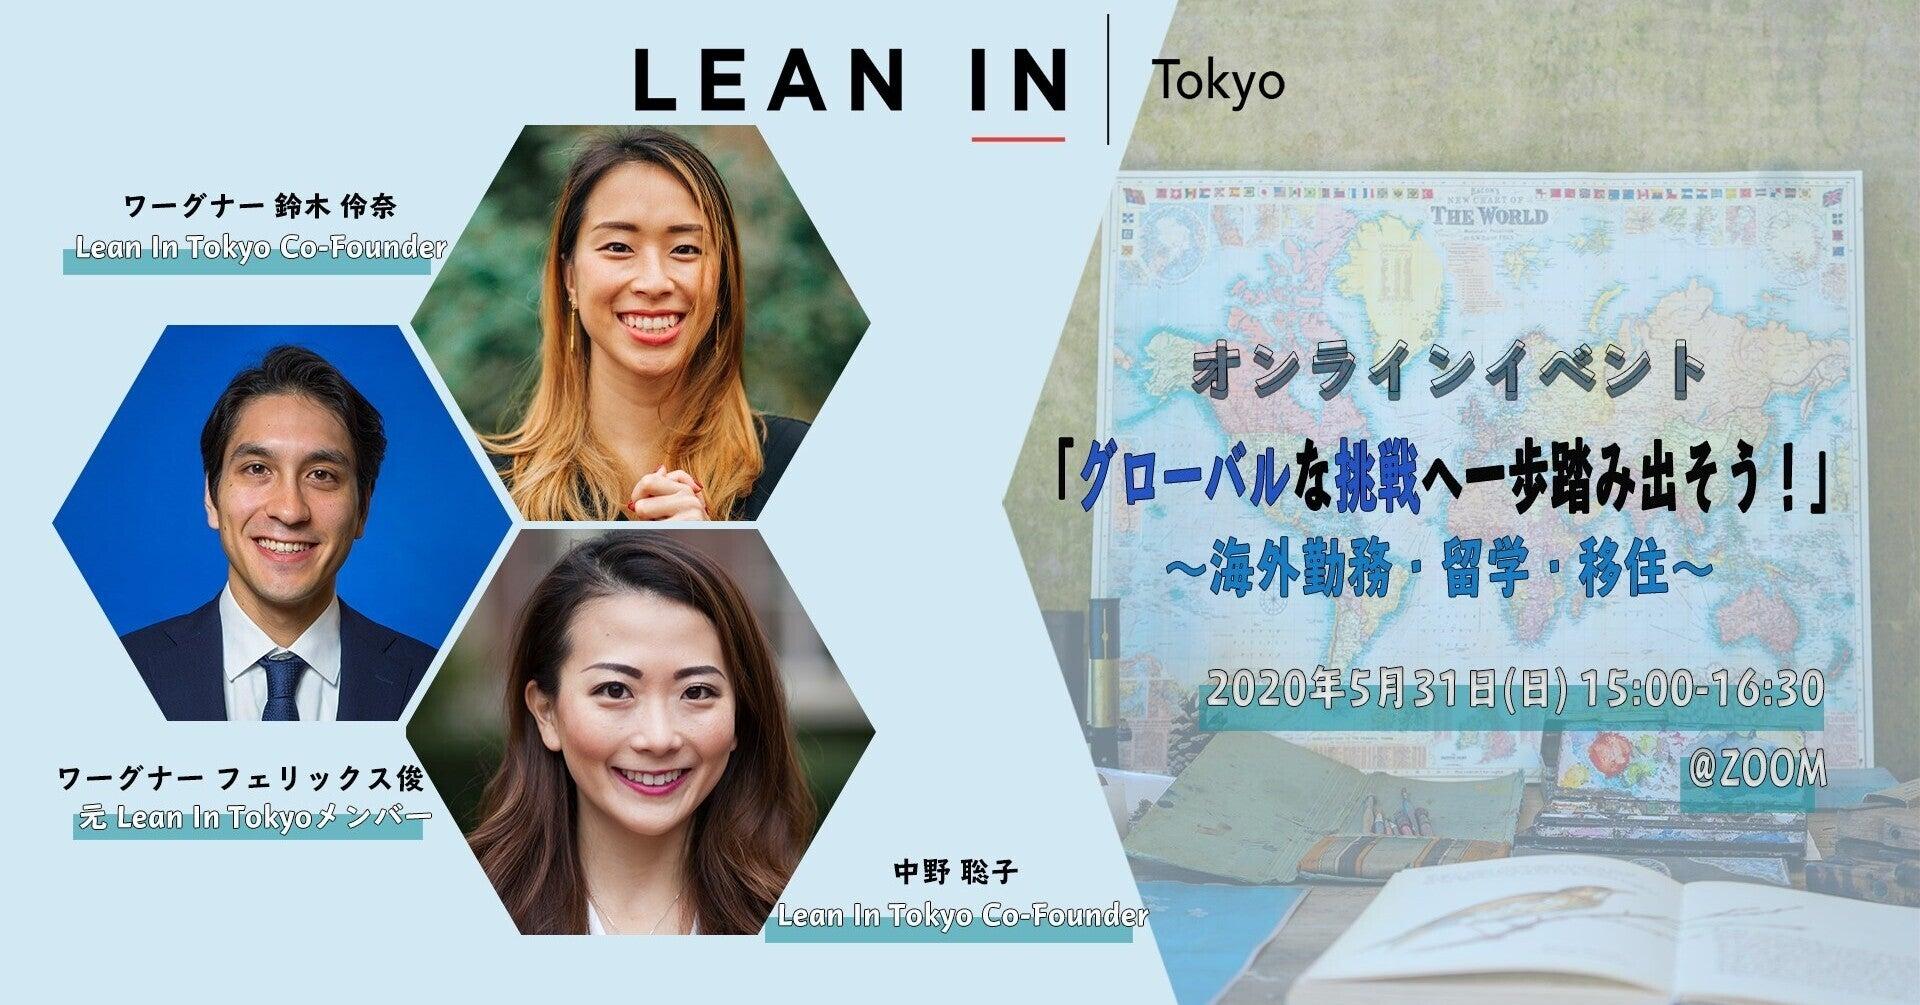 【5/31 グローバルな挑戦へ一歩踏み出そう!〜海外勤務・留学・移住〜イベントレポート】